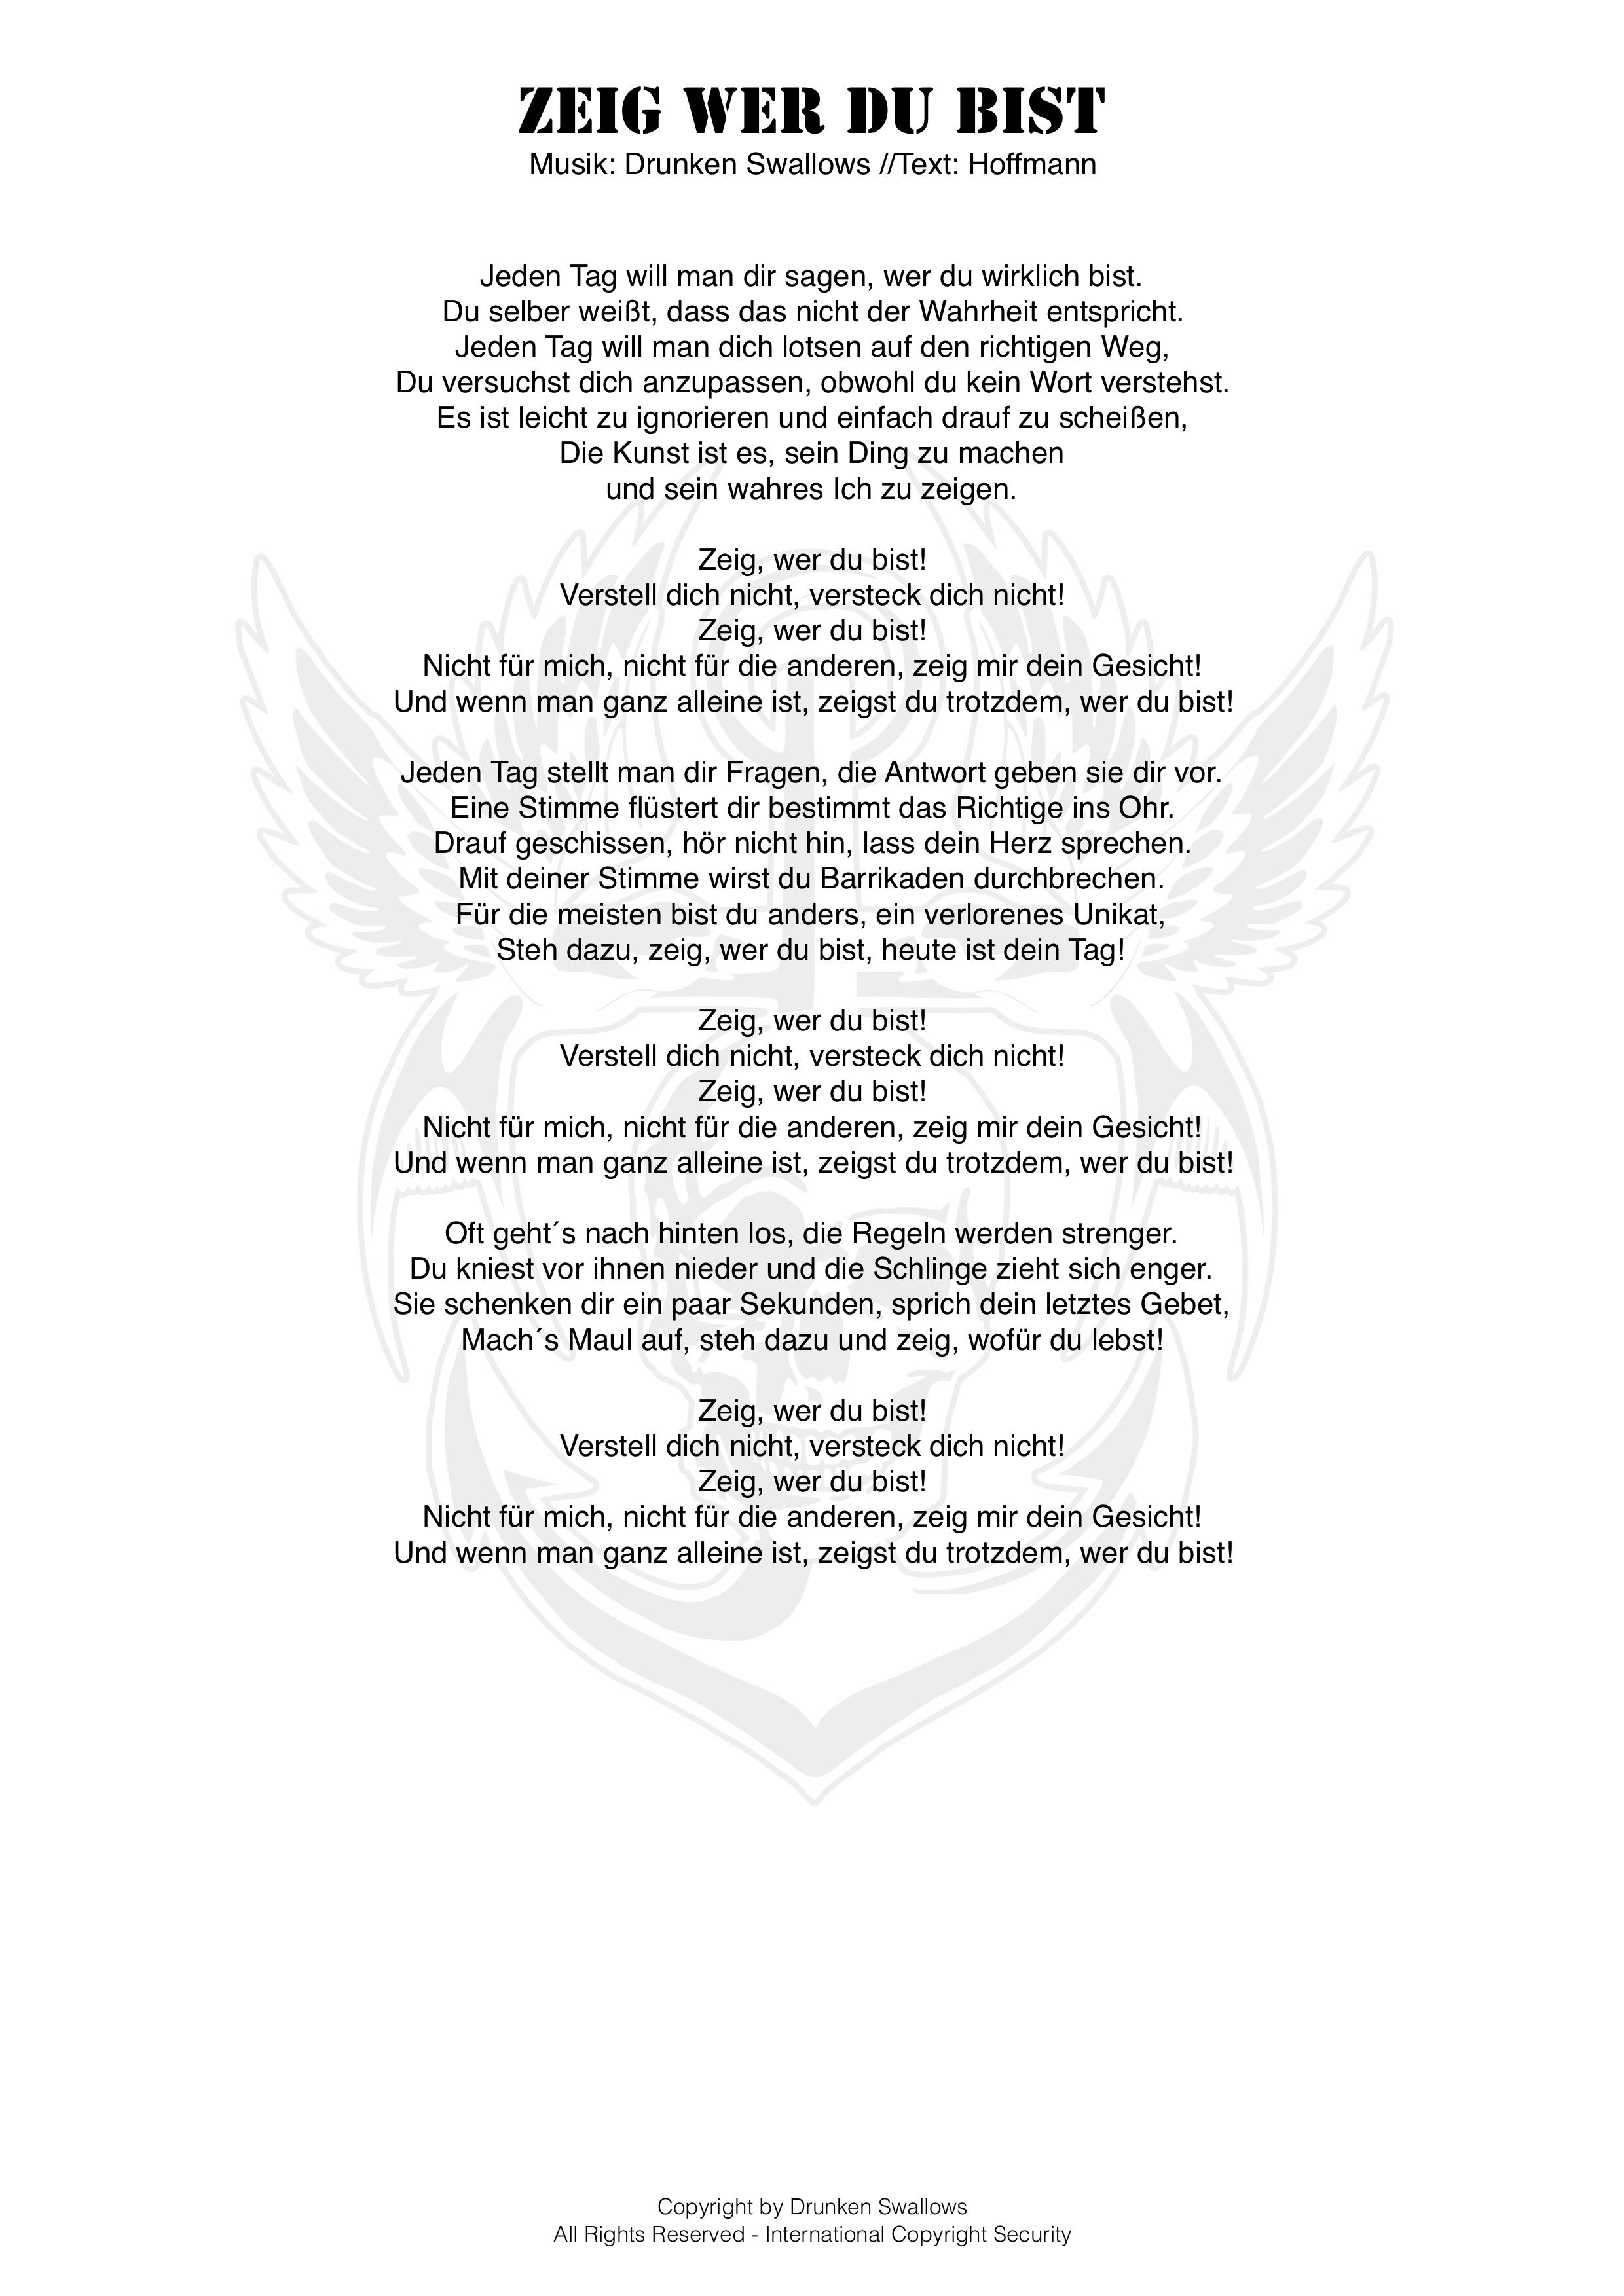 dein gesicht lyrics